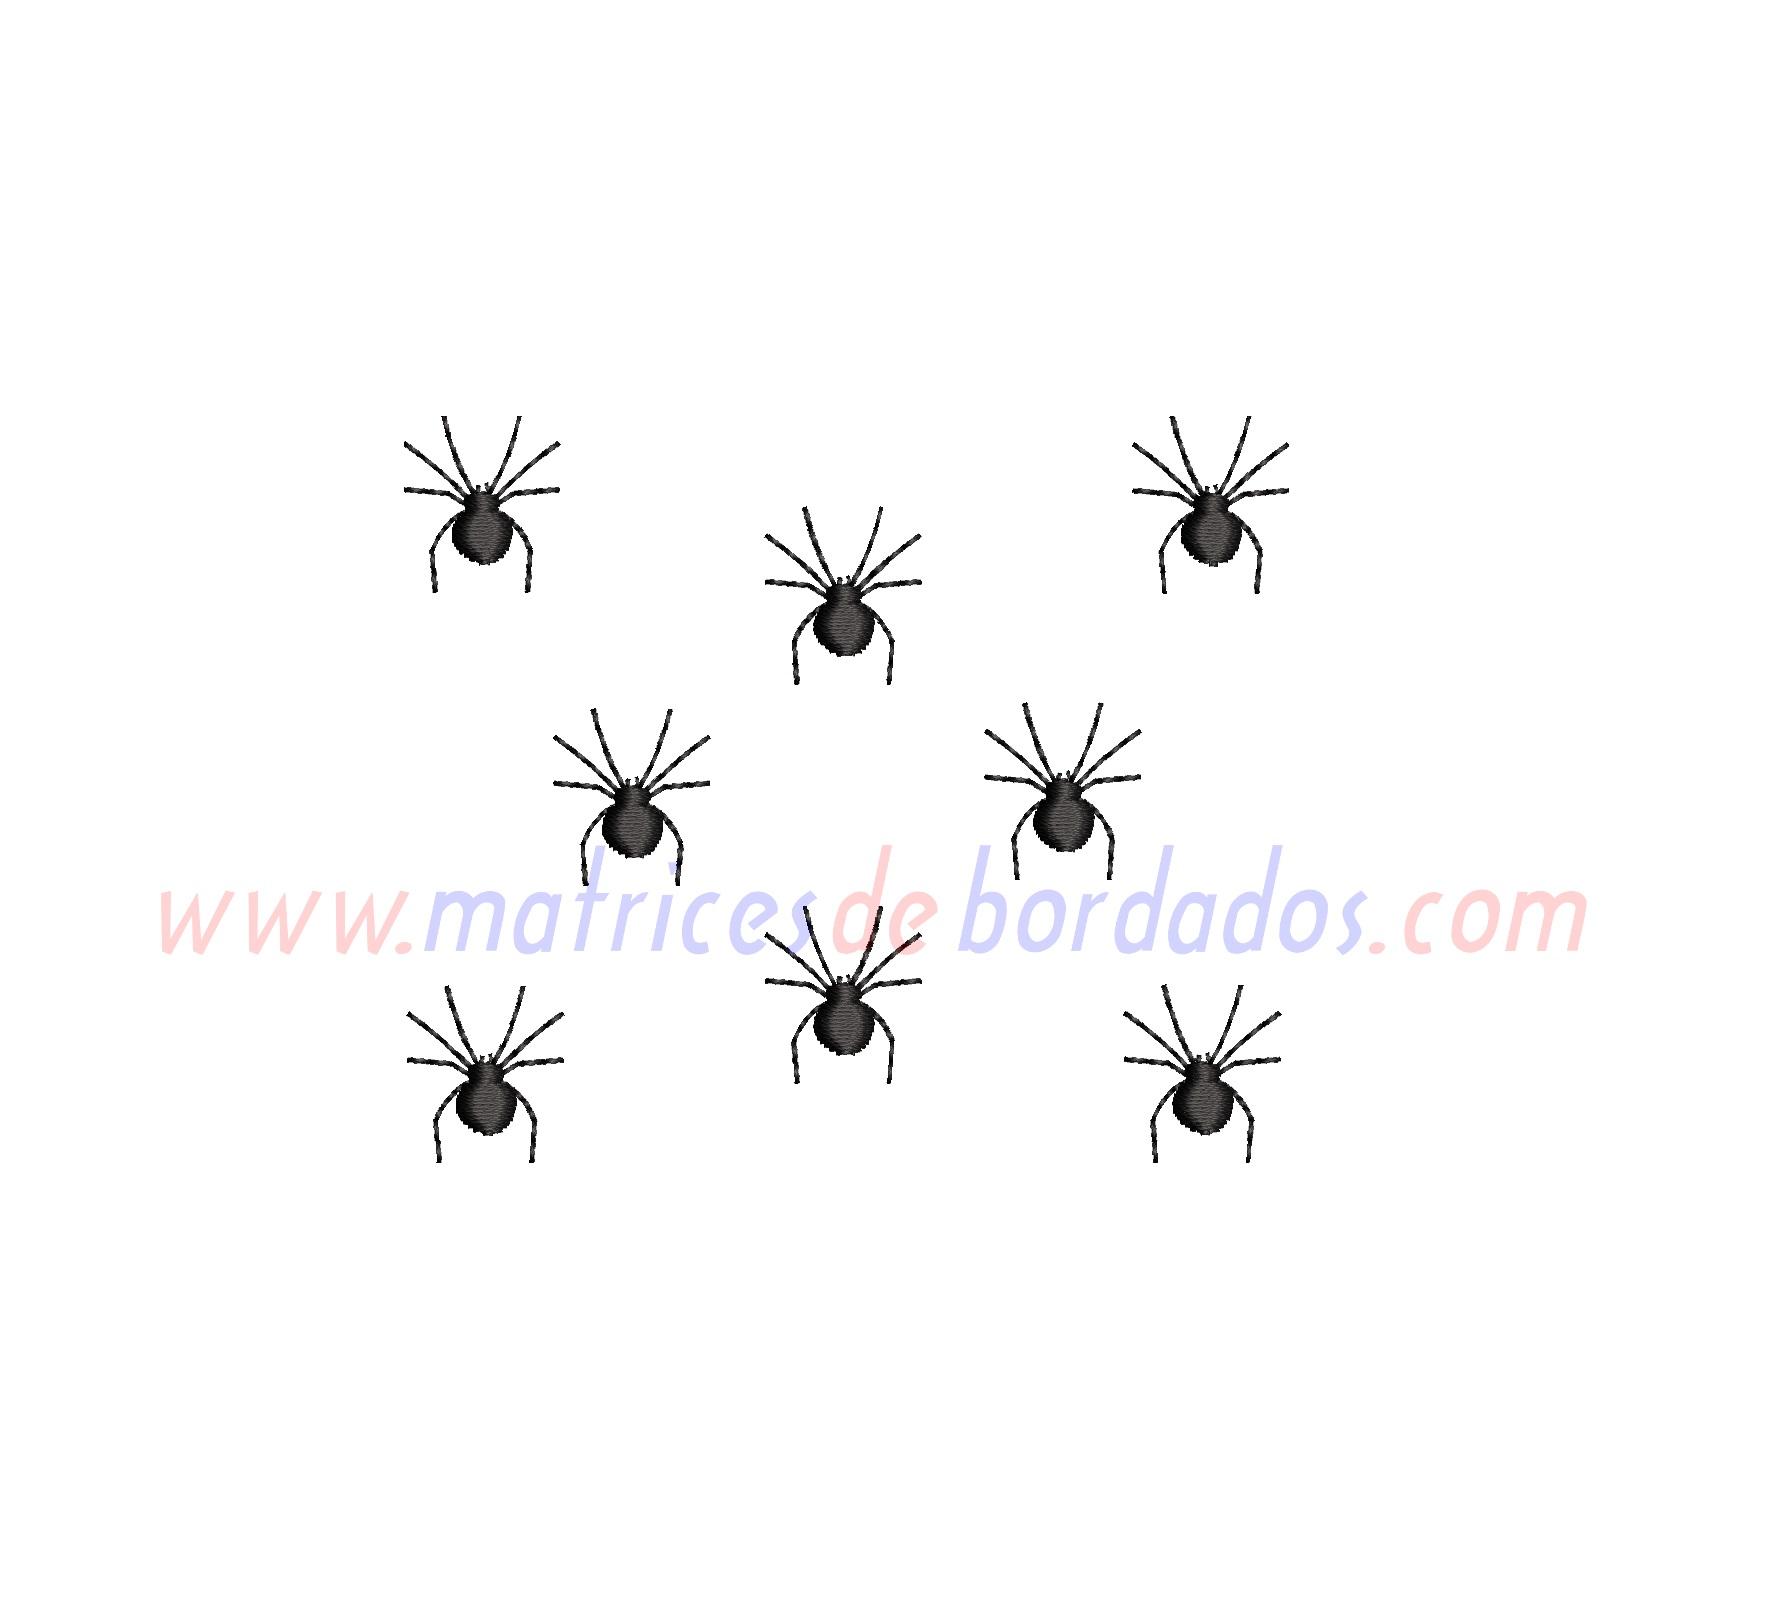 AP71JK - 8 arañas